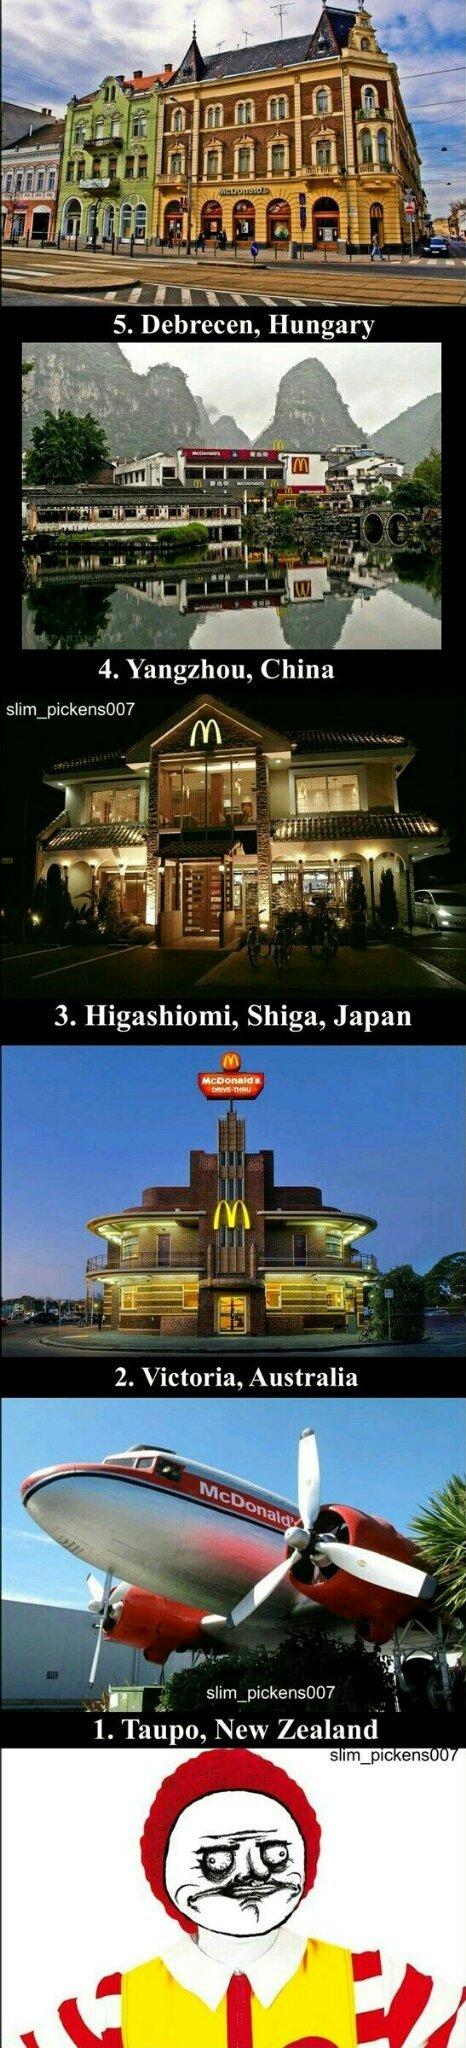 Melhores restaurantes do Mcdonald - meme